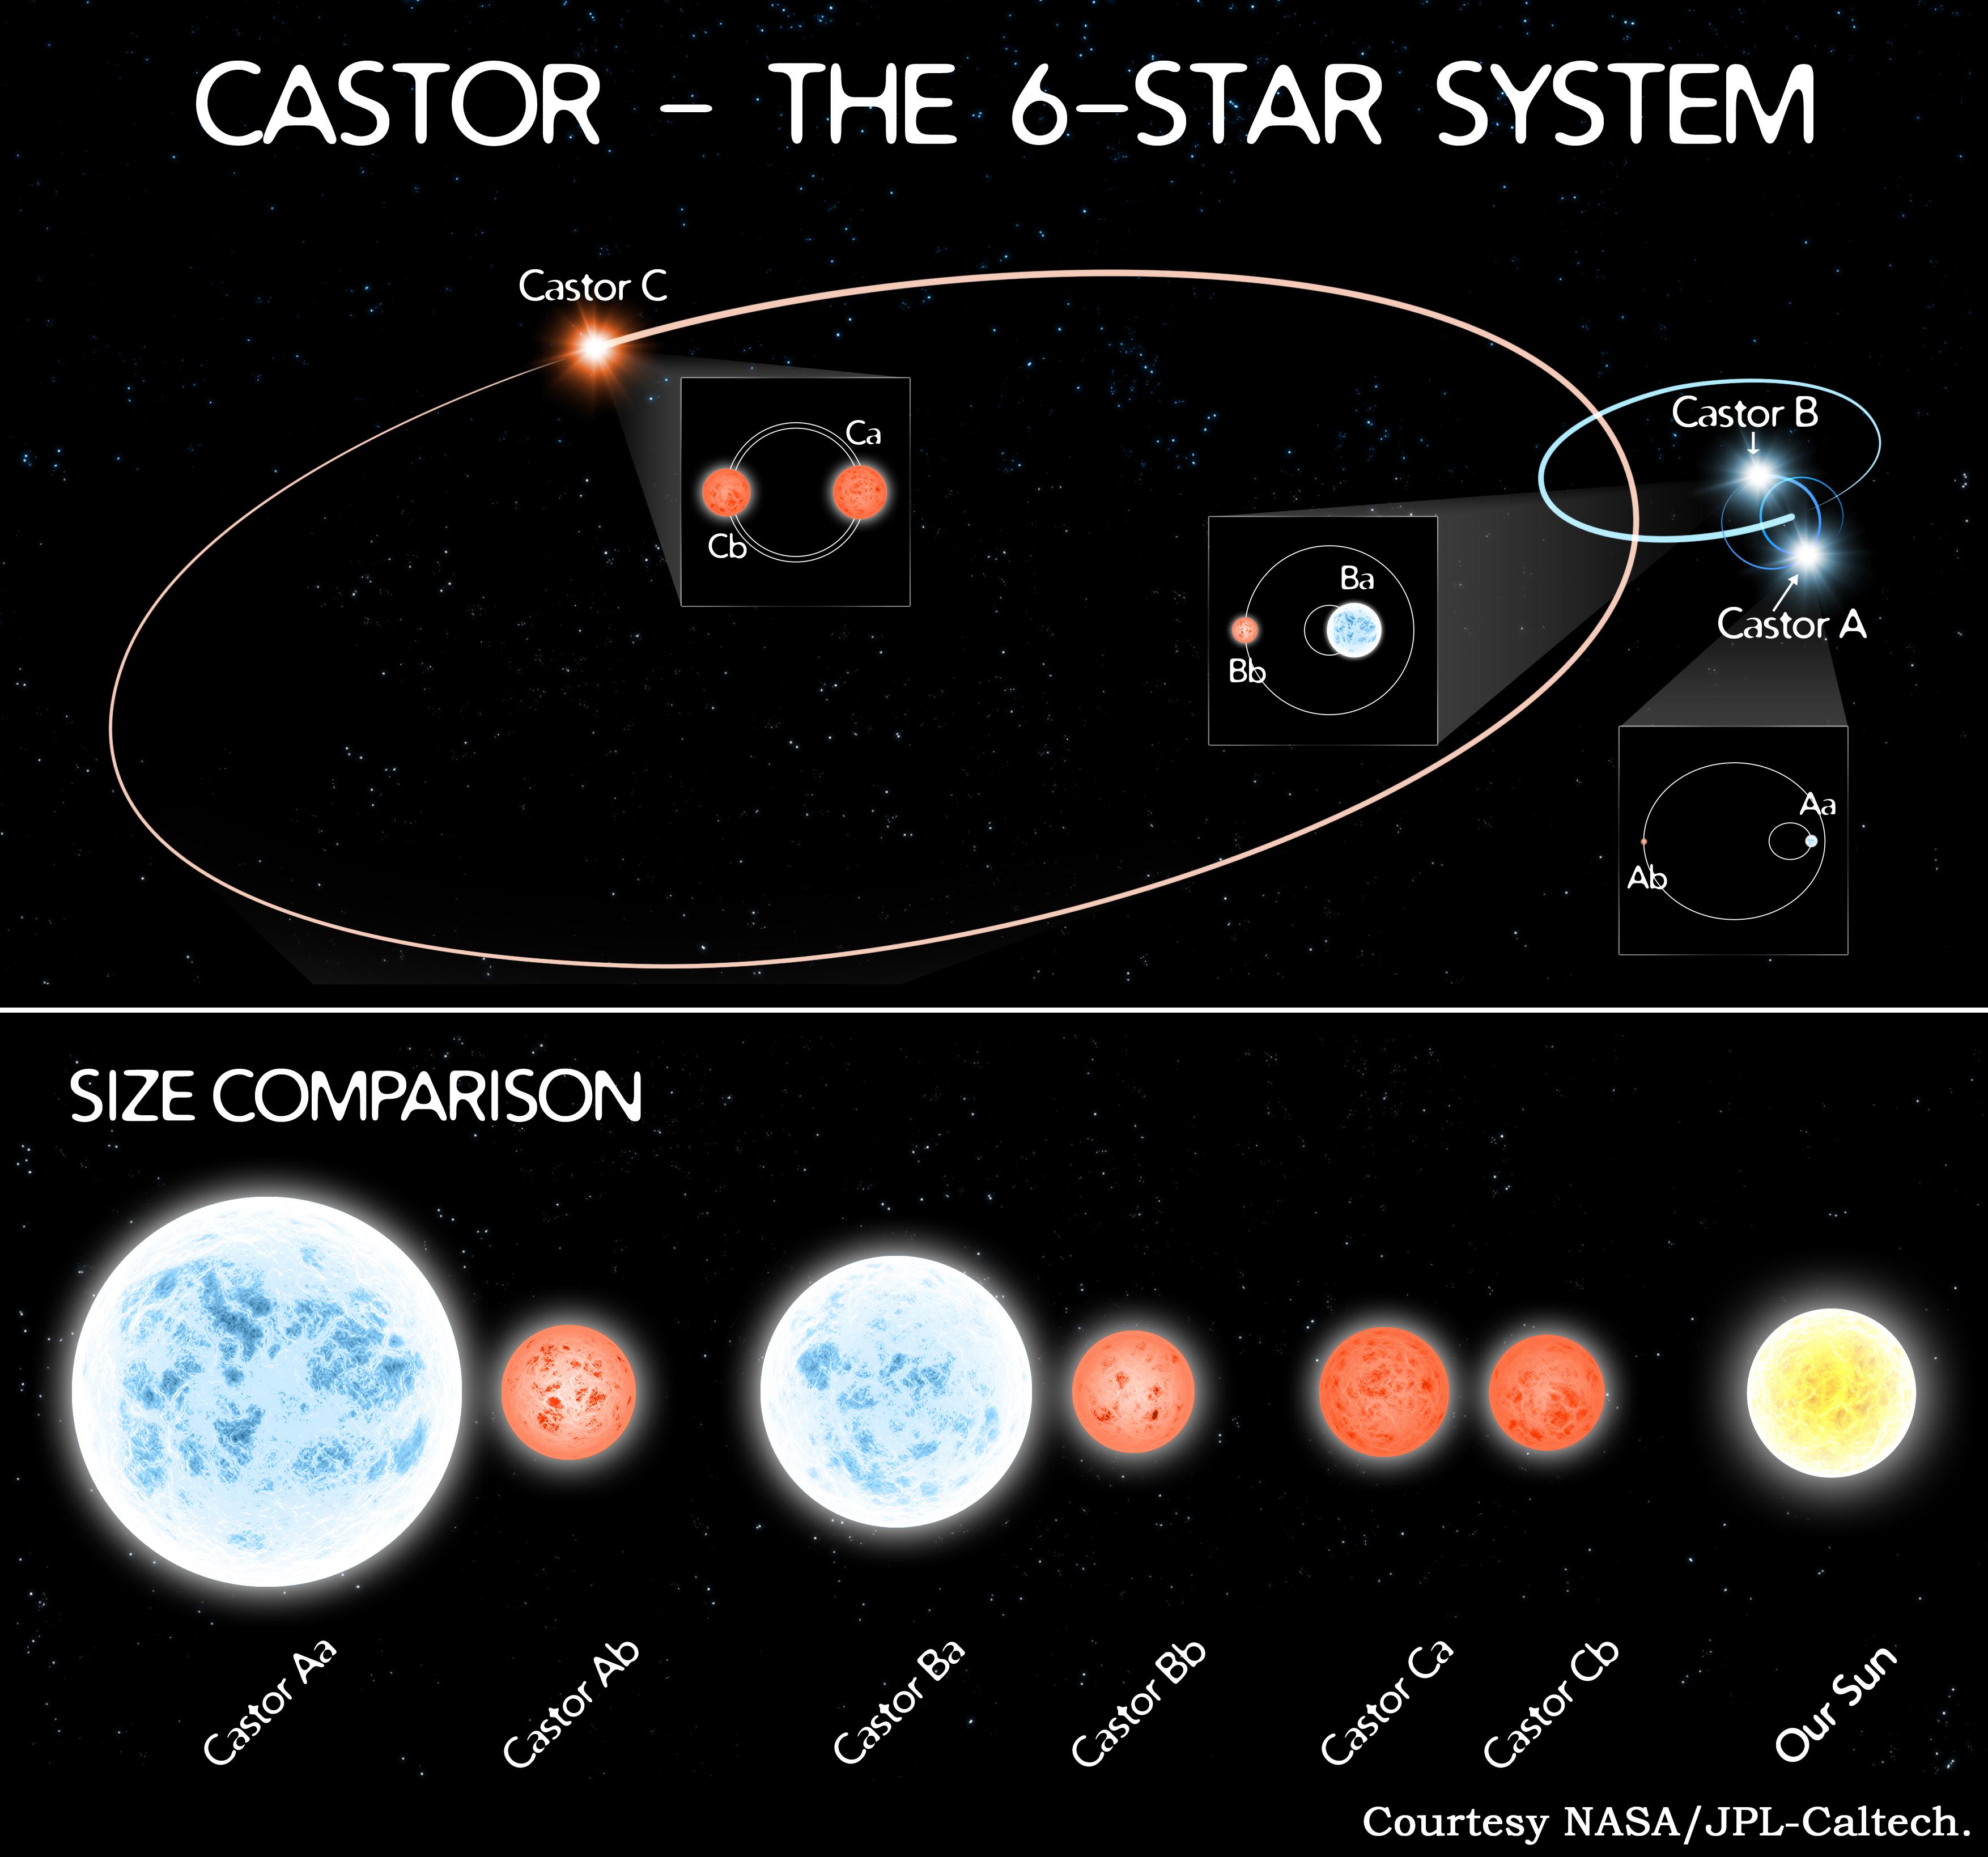 Une illustration de la NASA montre les orbites sextuple complexes du système stellaire voisin Castor.  Le système nouvellement découvert a une disposition similaire d'étoiles.